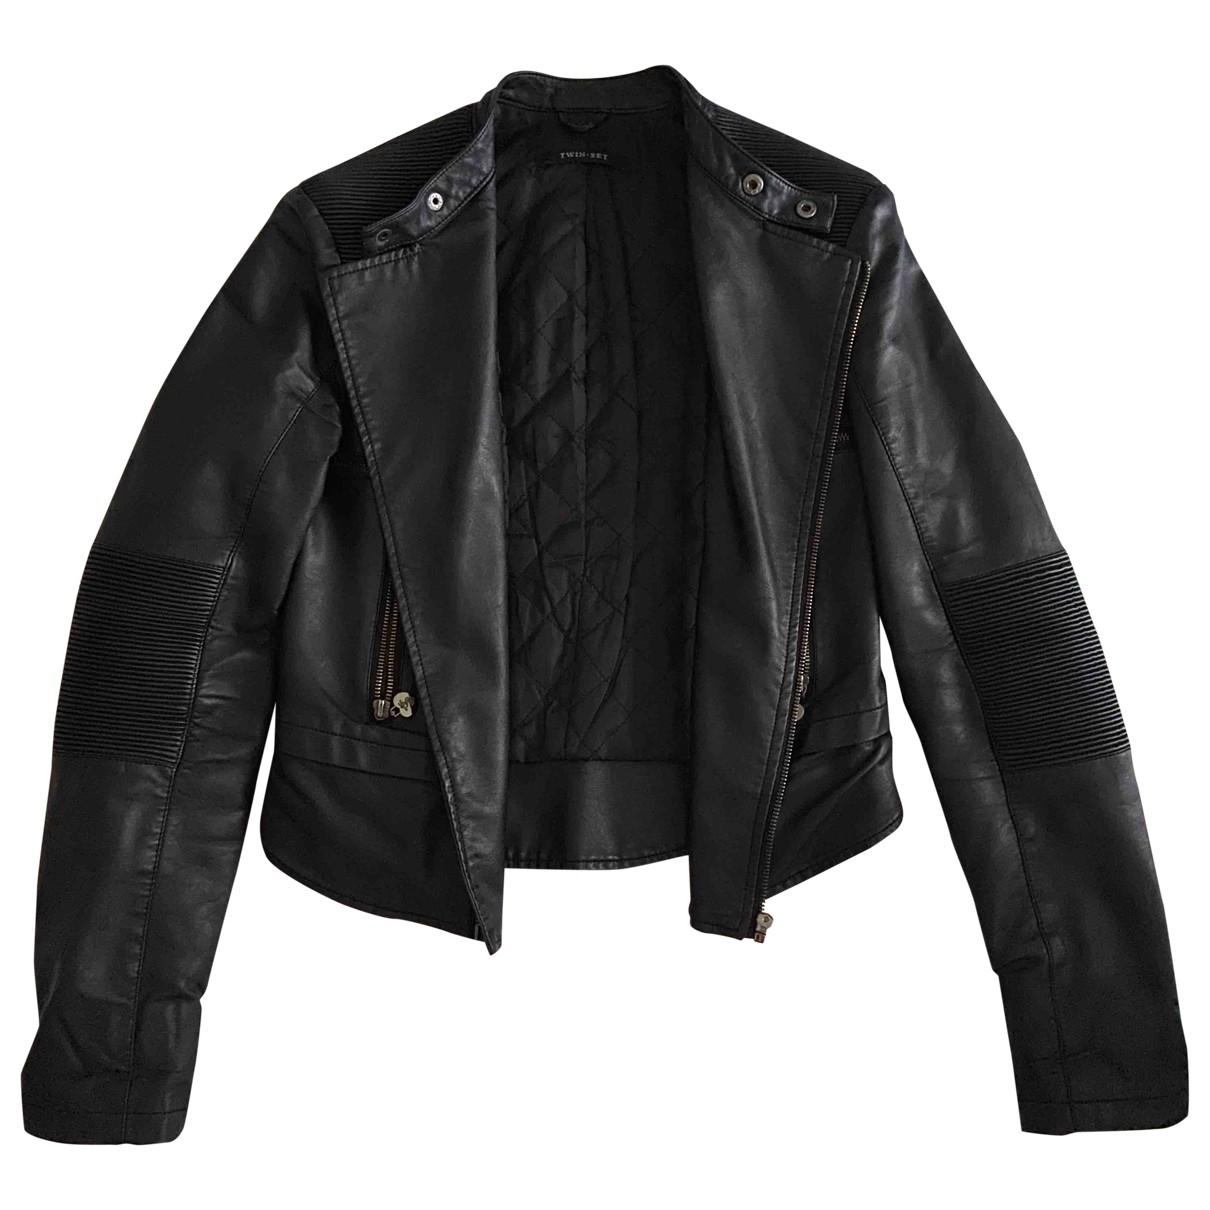 Twin Set \N Black jacket for Women S International